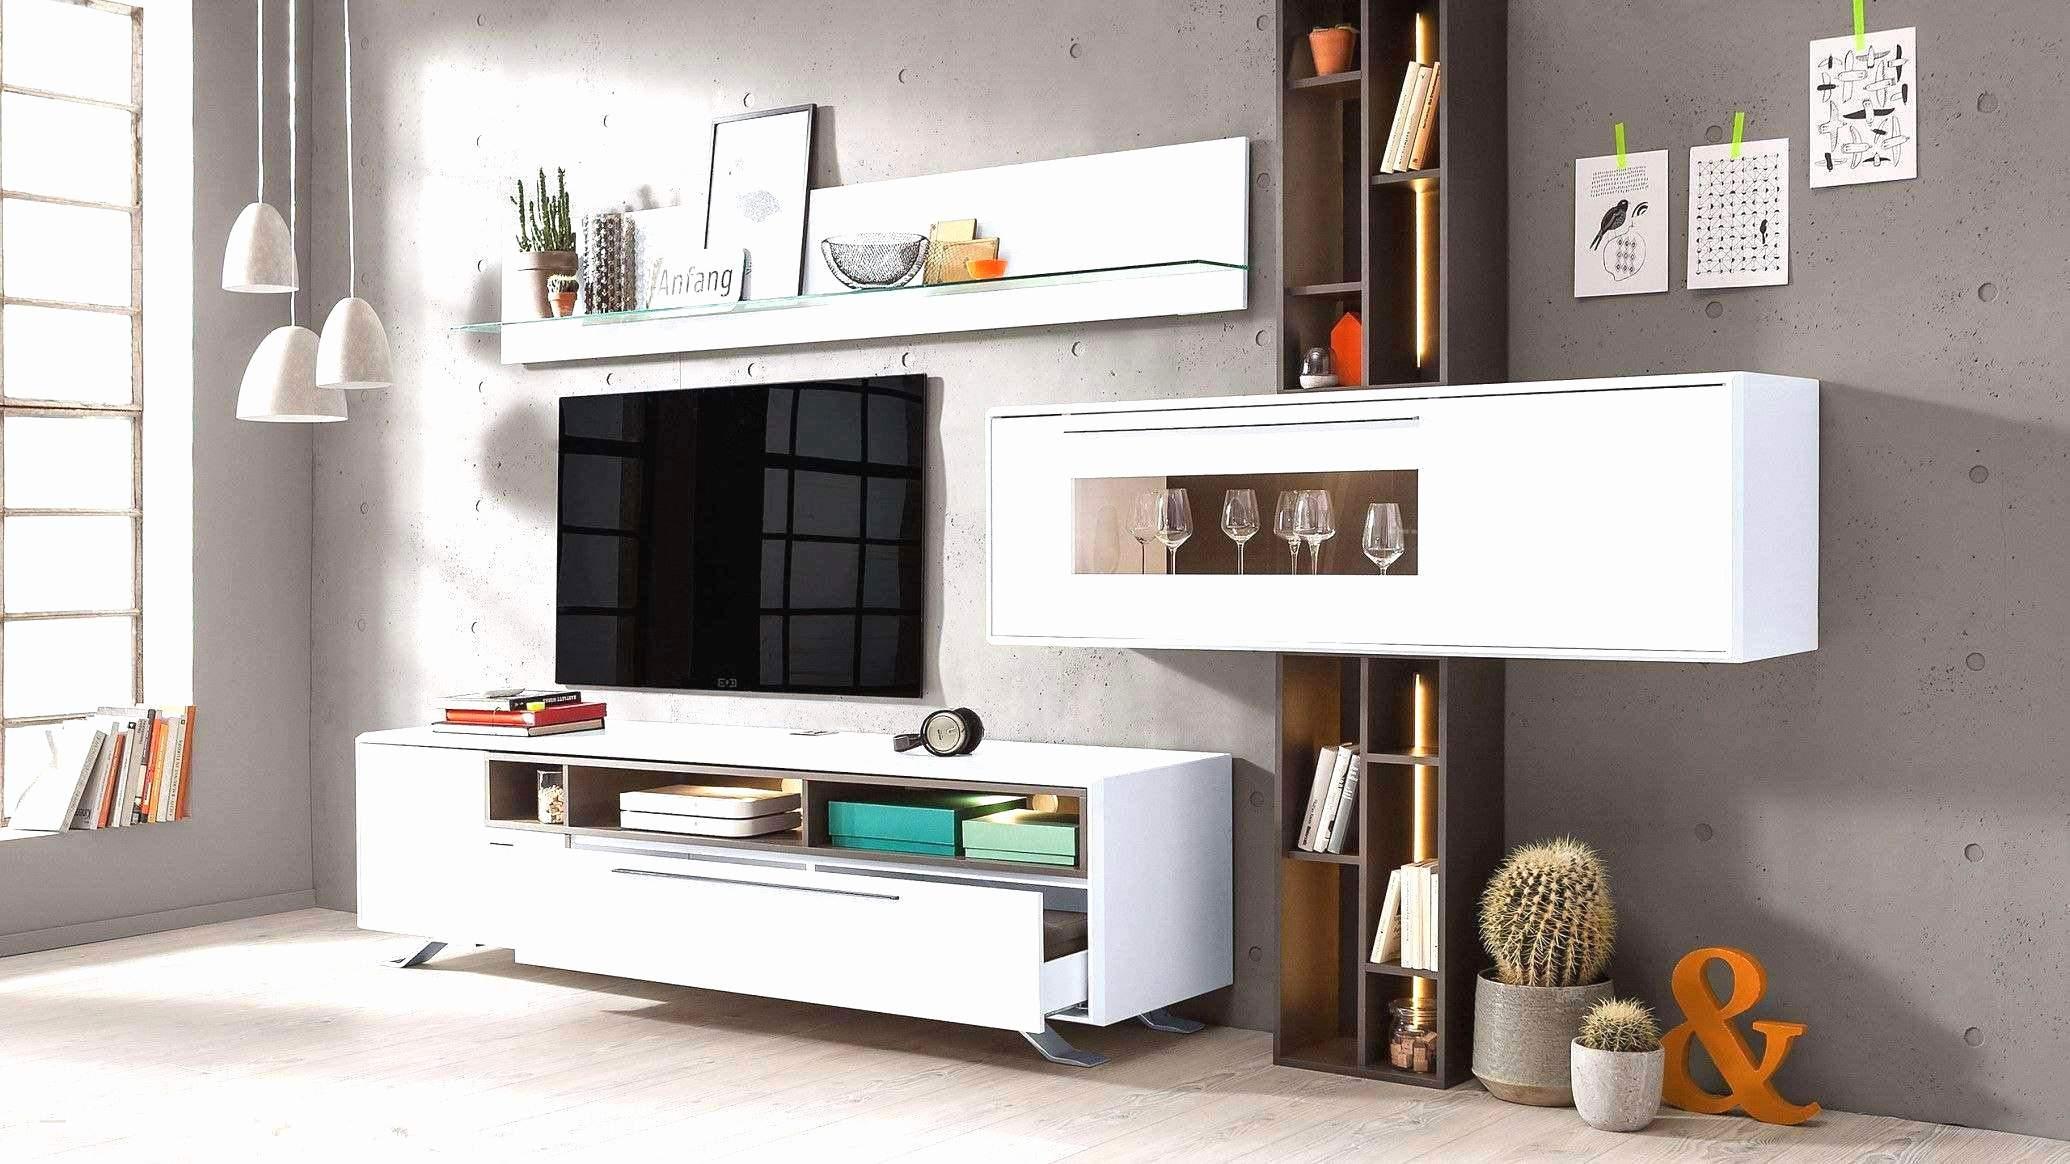 wohnzimmer wand reizend deko ideen wohnzimmerwand einzigartig wohnzimmer wand 0d of wohnzimmer wand